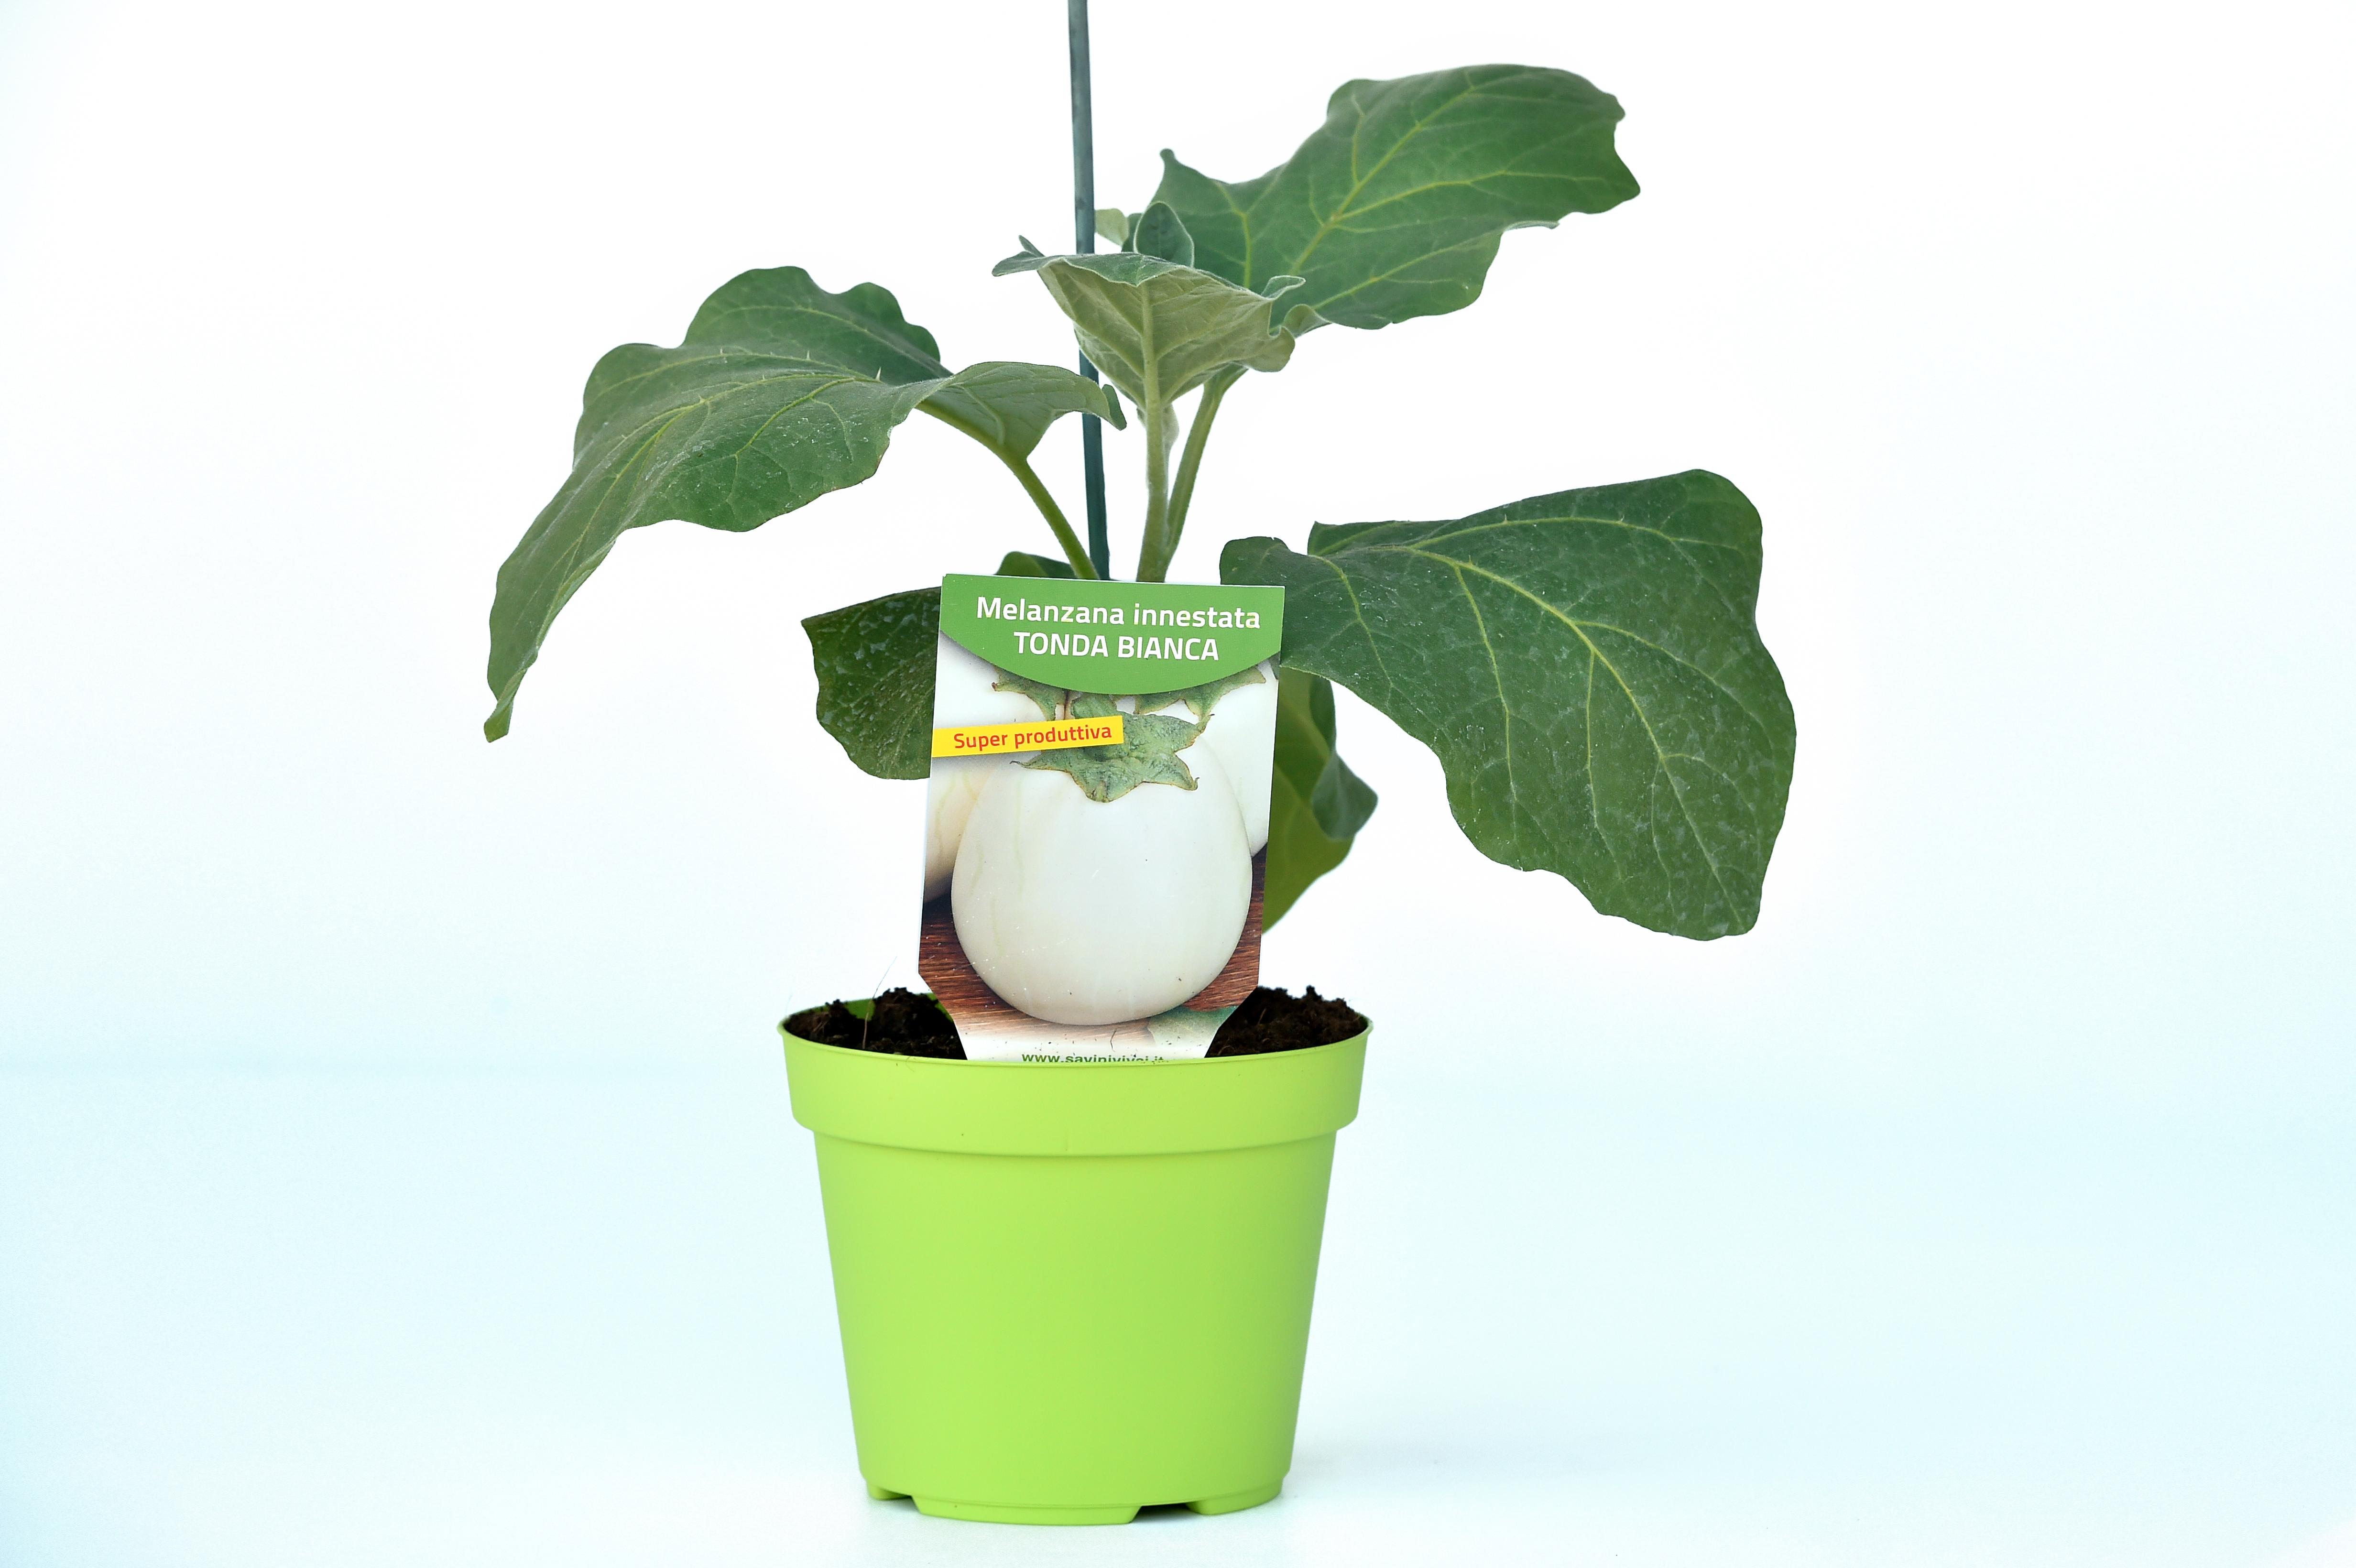 pianta-di-melanzana-bianca-savinivivai